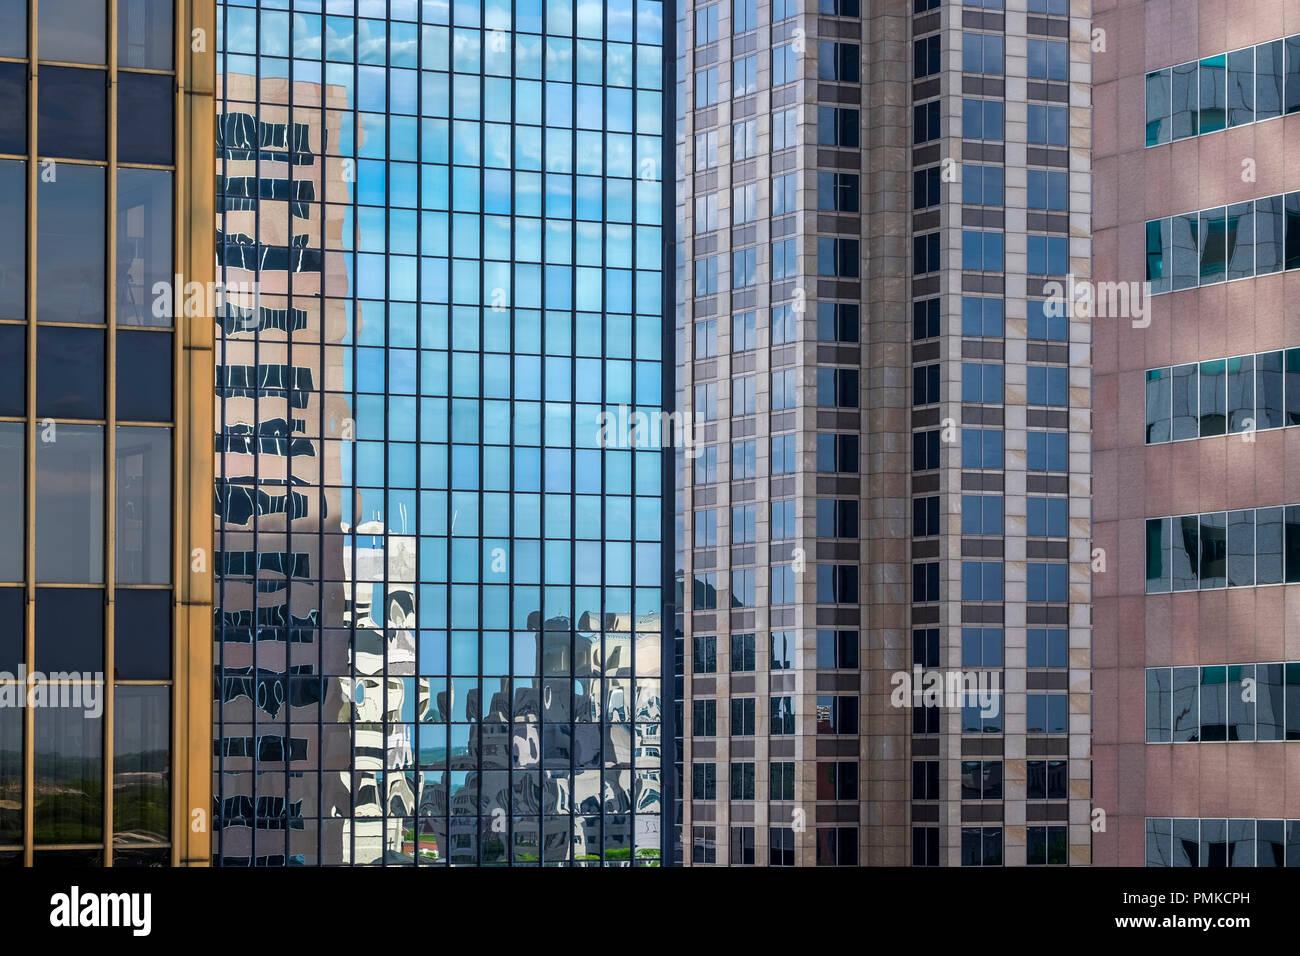 Architettura in dettaglio i blocchi degli uffici, Birmingham Alabama Immagini Stock